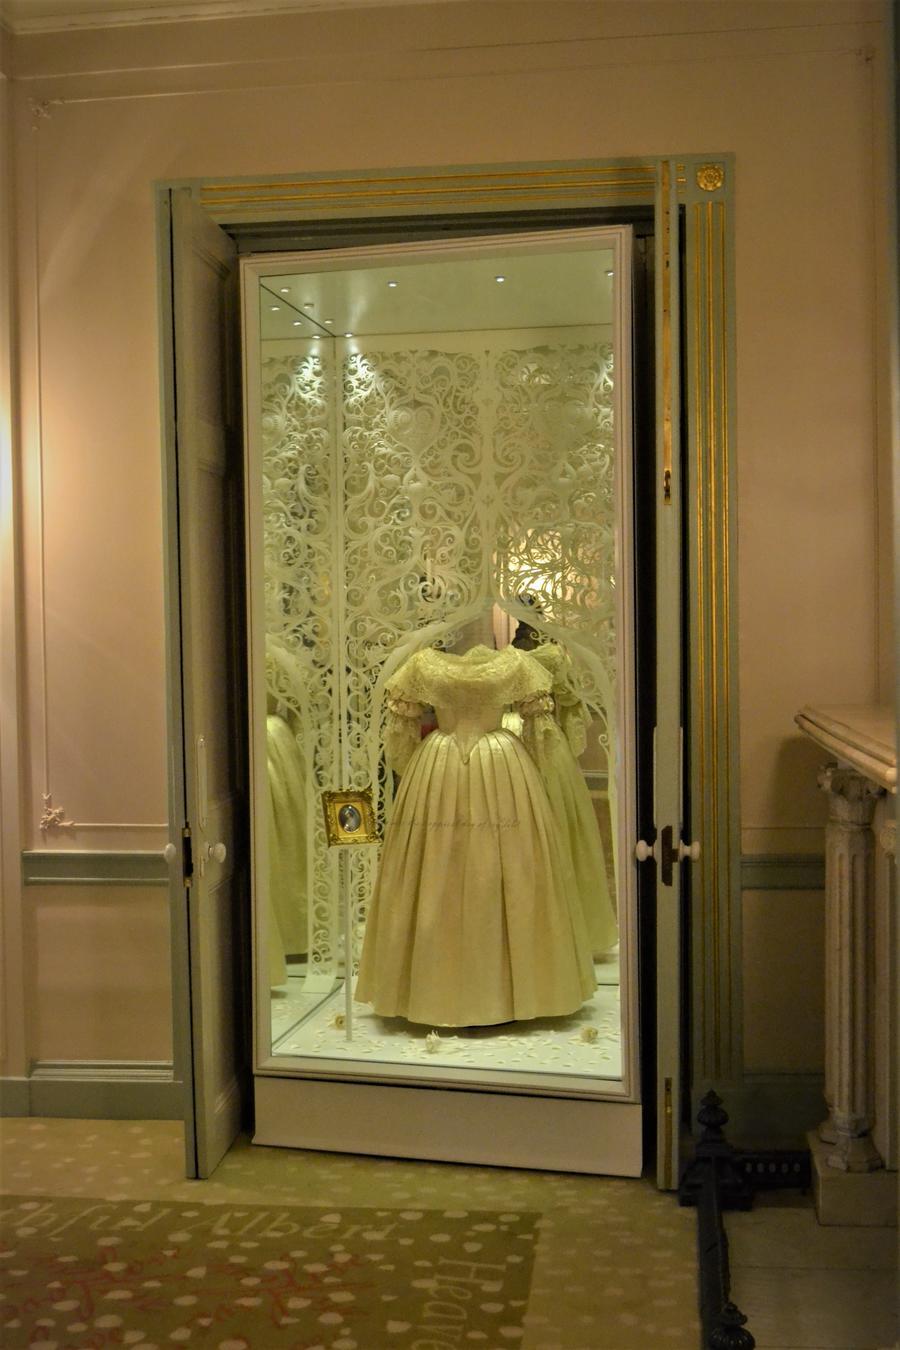 Museum display case in doorway